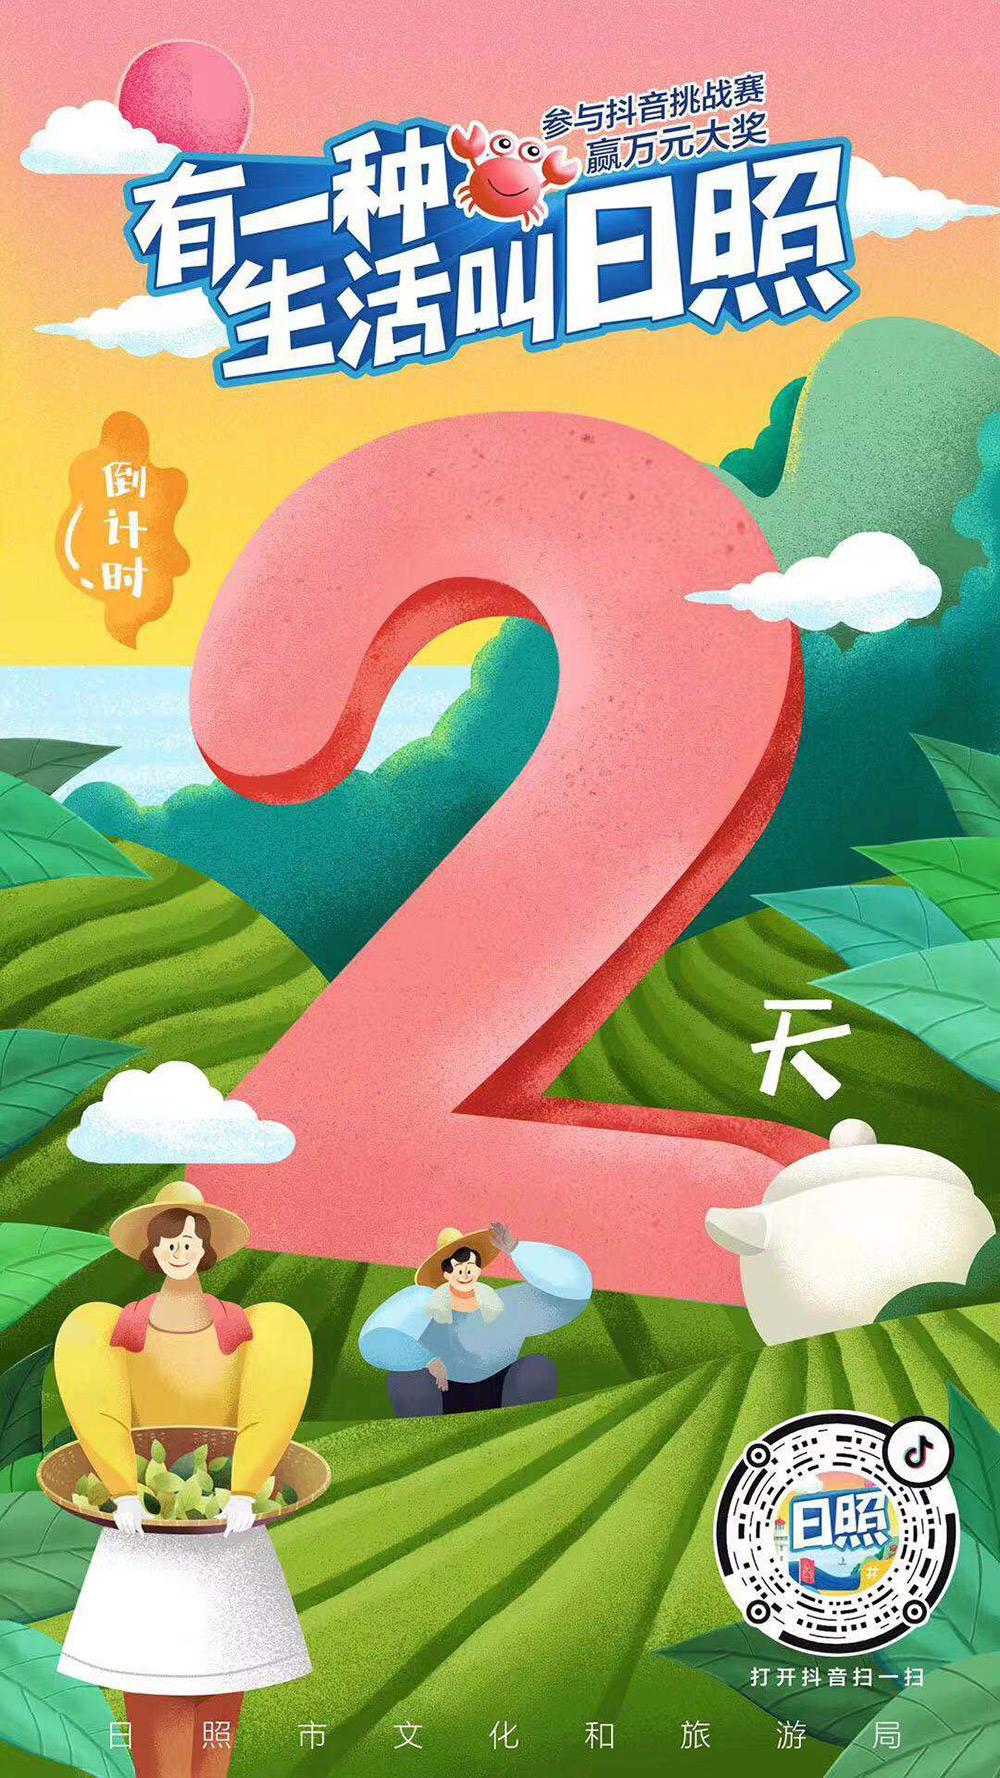 以字母或数字为主视觉的插画海报